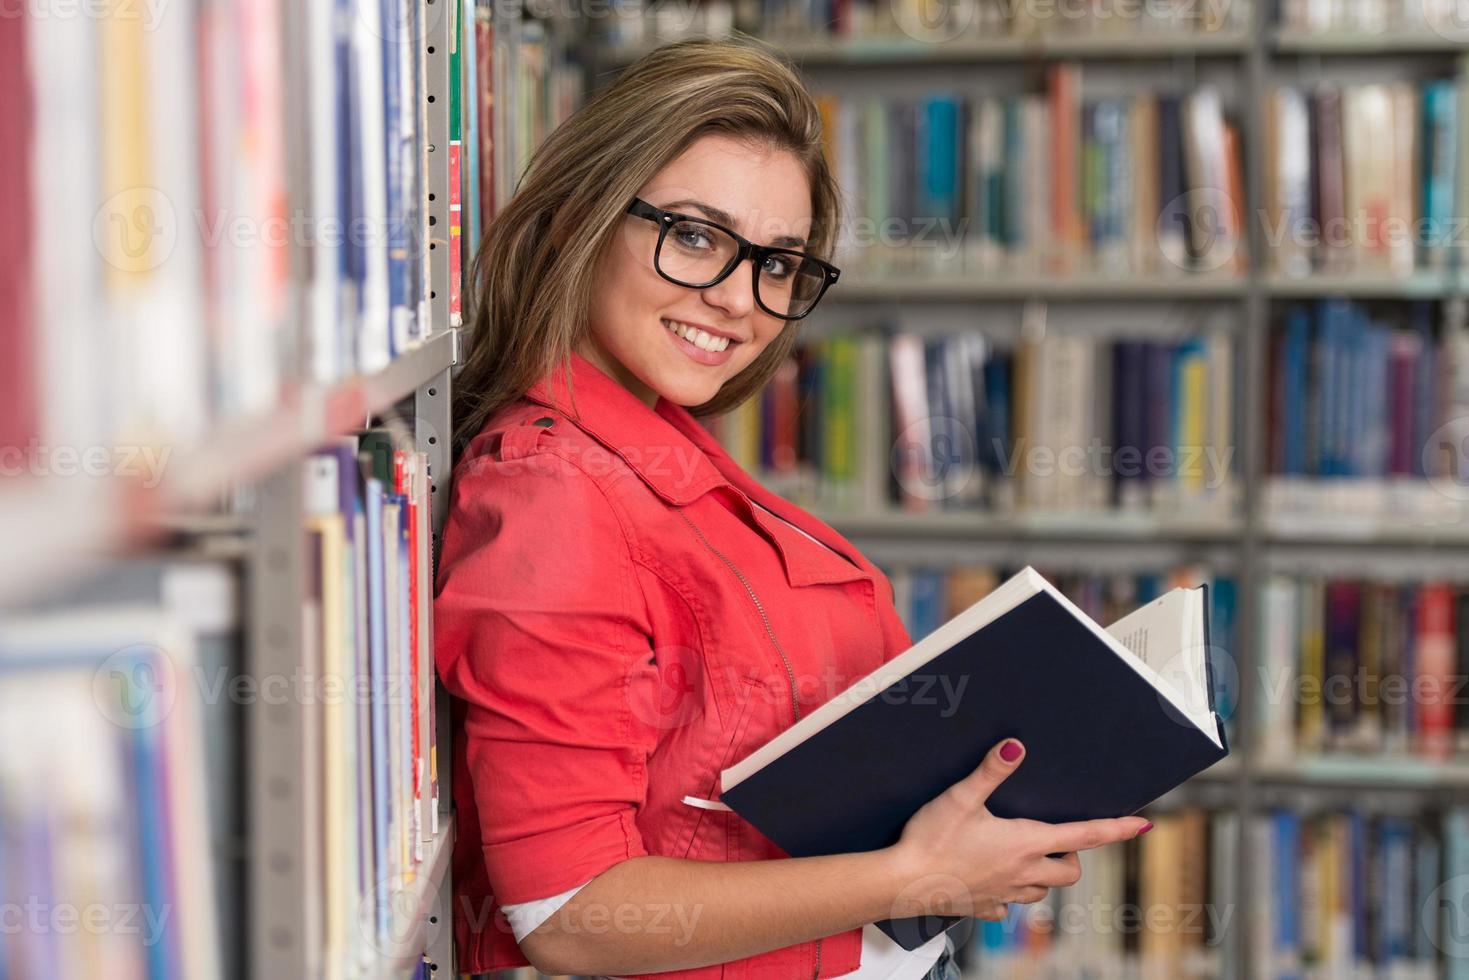 portret van een student meisje studeren aan bibliotheek foto